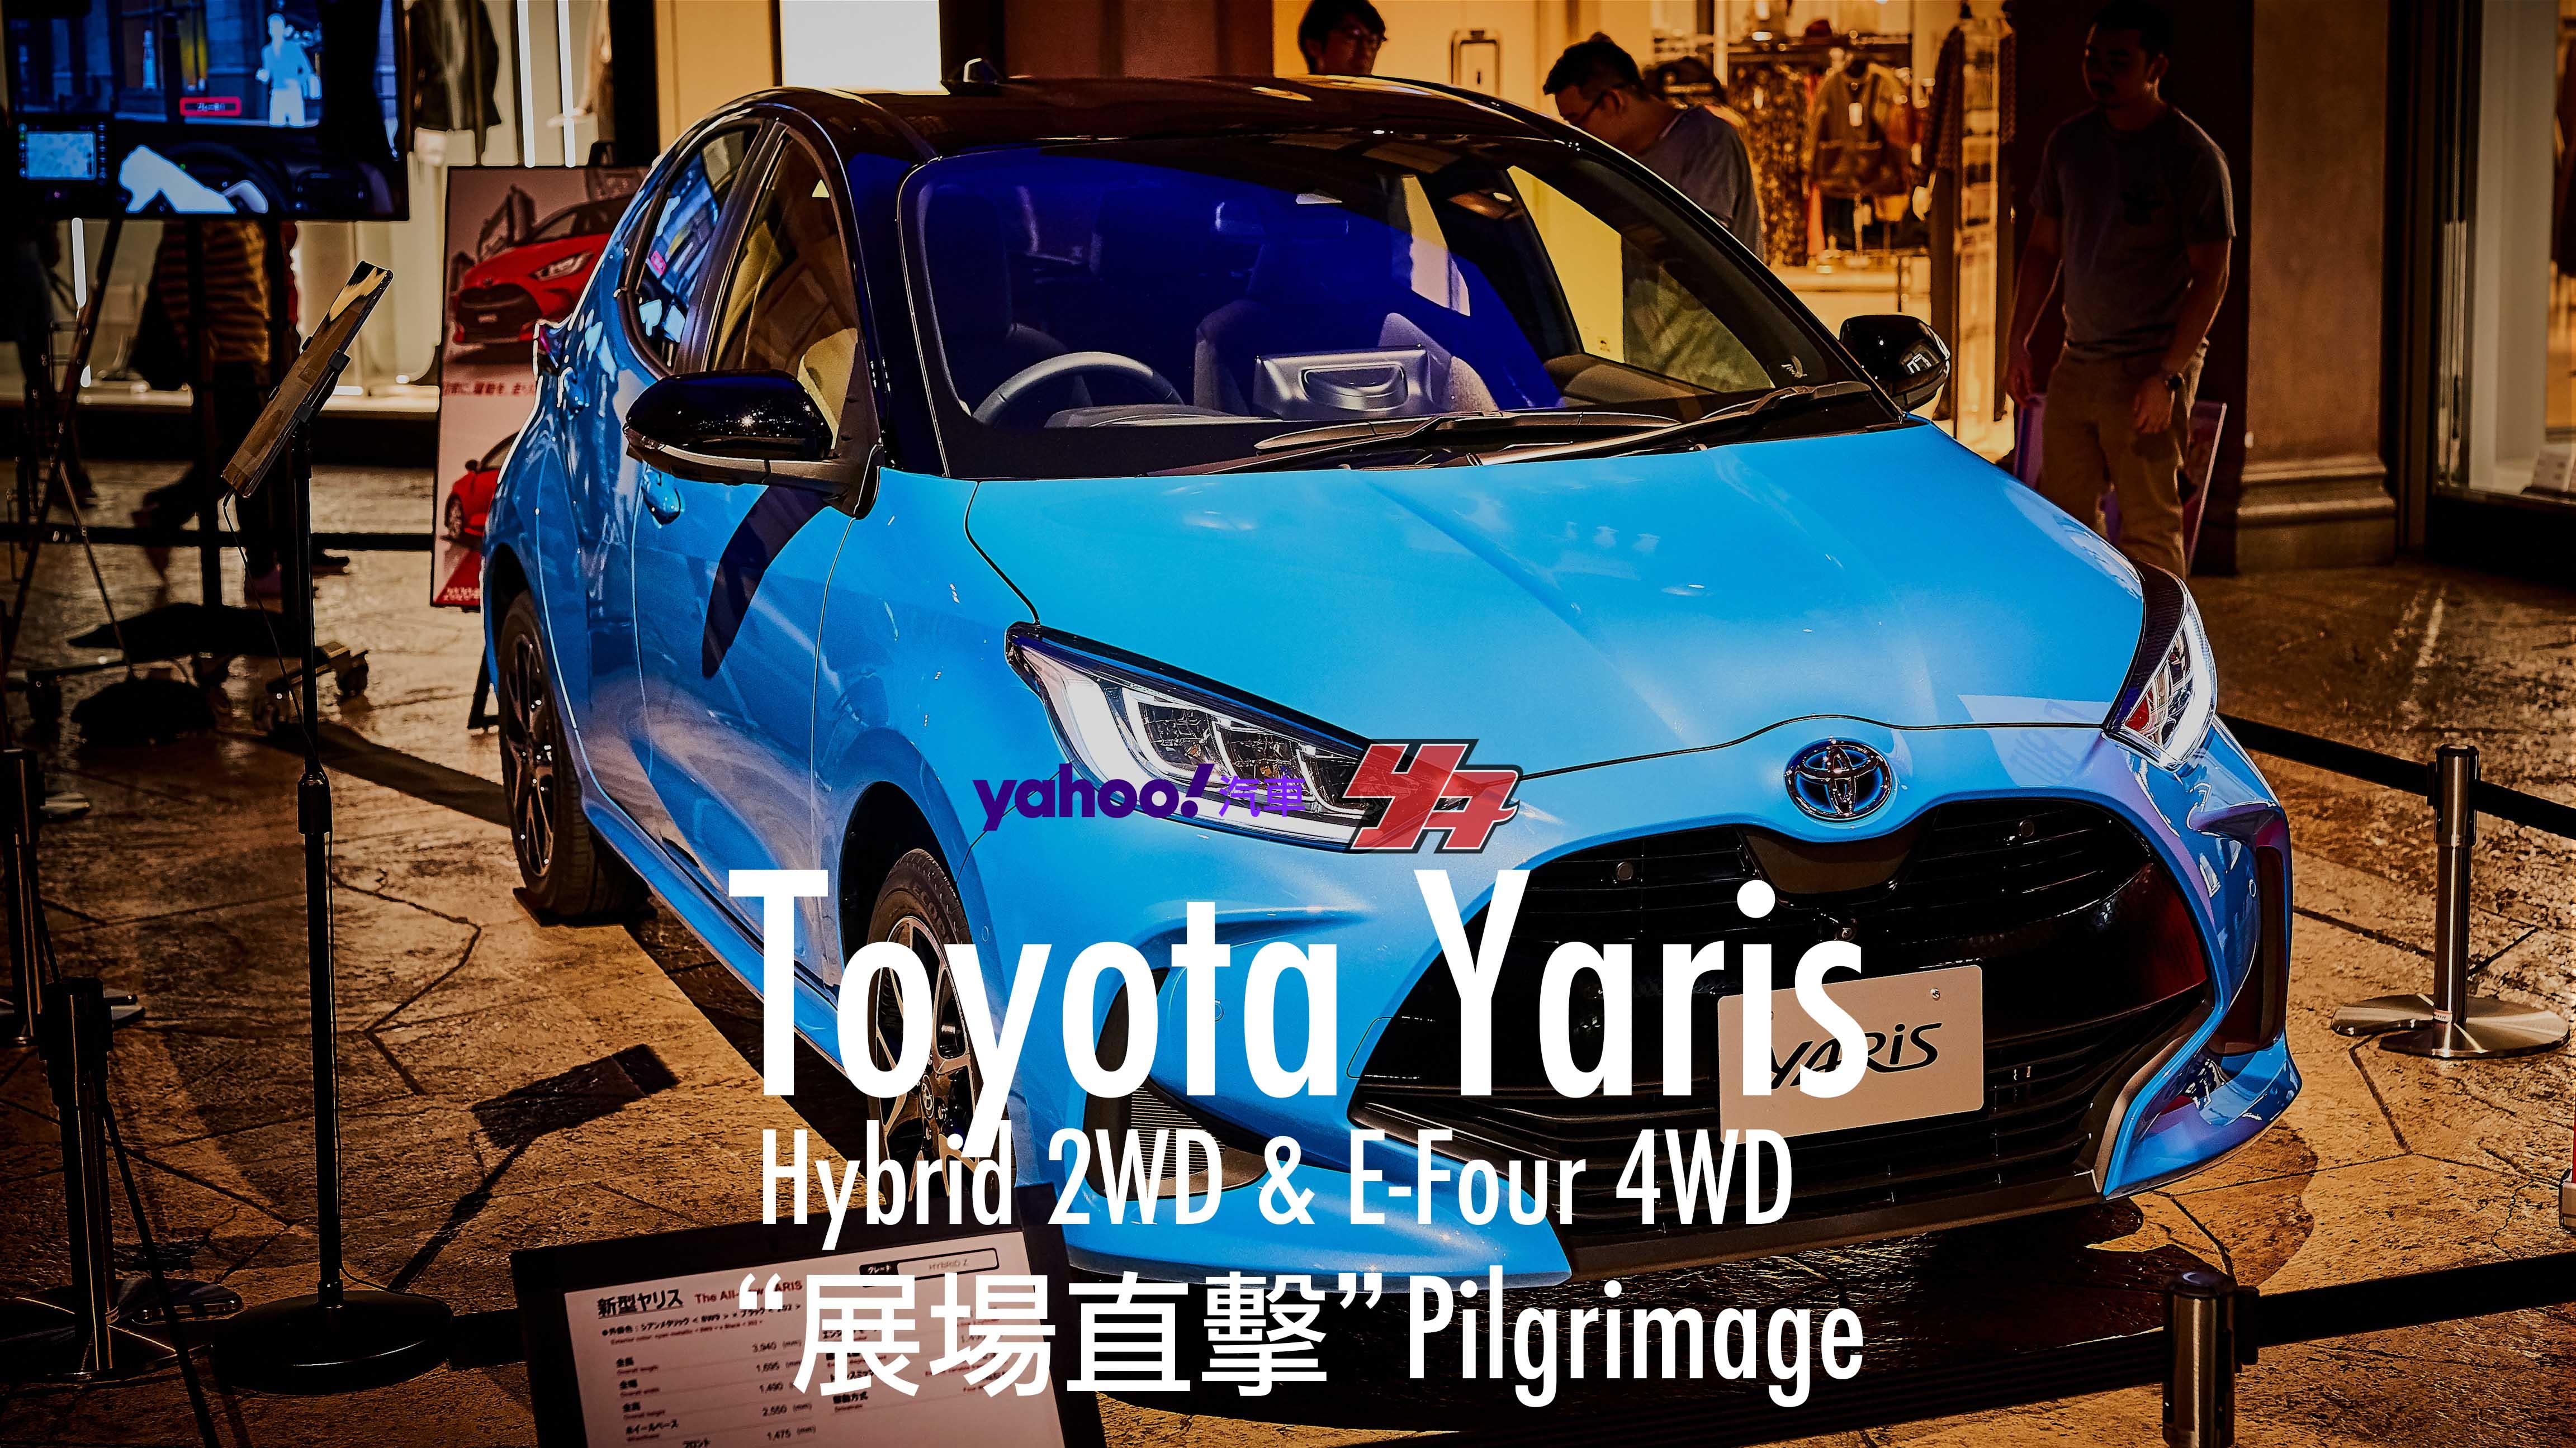 【東京車展直擊】爭奪小型掀背車市場霸主!2020 Toyota大改款第4代Yaris初次亮相!